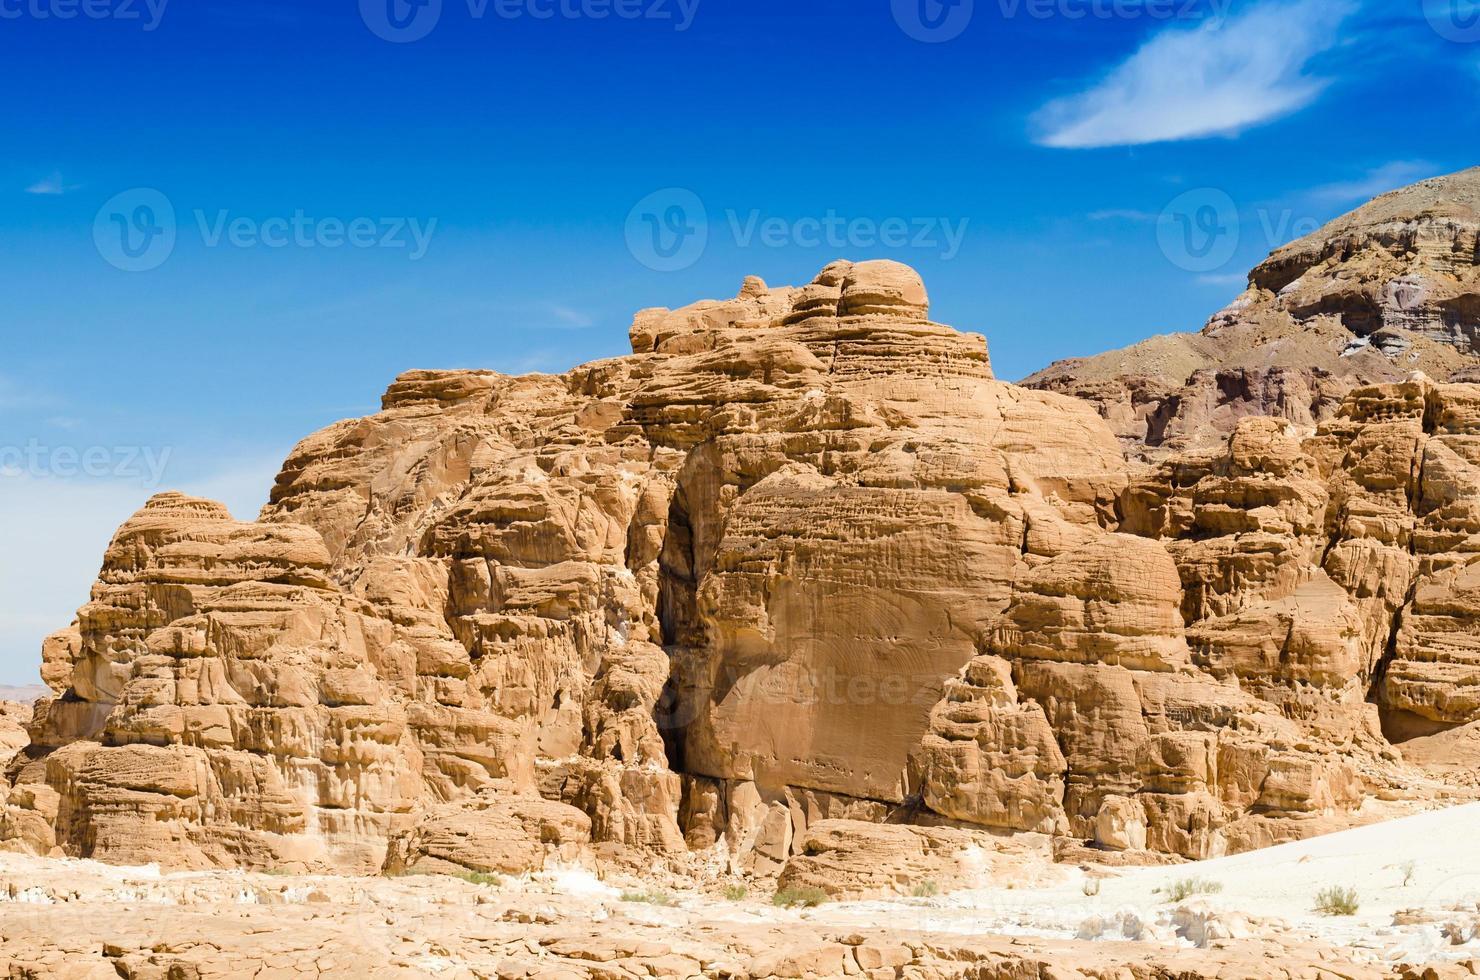 rotsachtige bergen in de woestijn foto